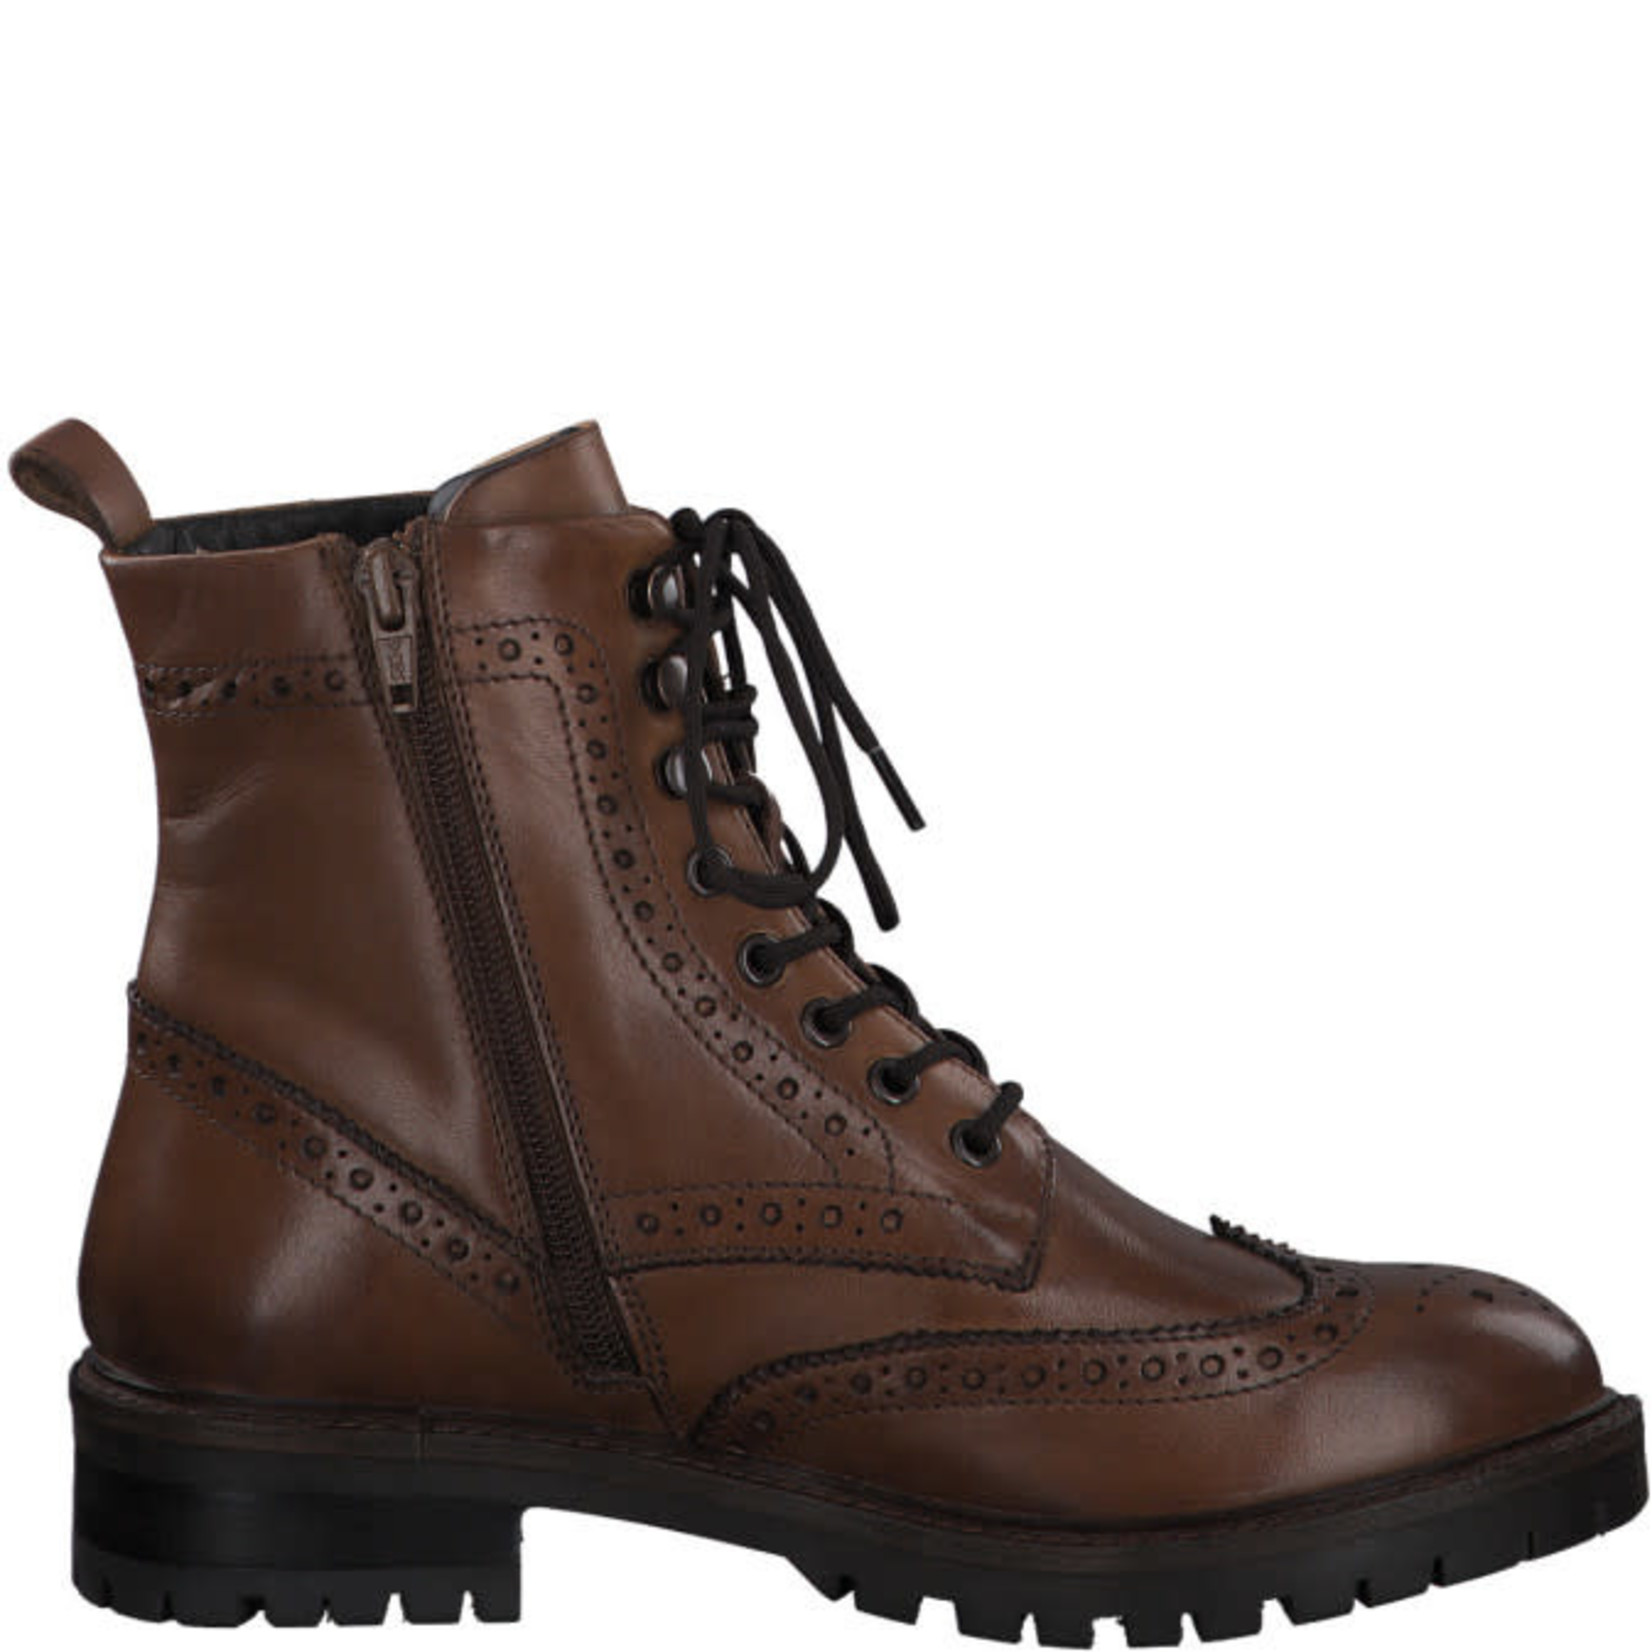 S.Oliver S.Oliver Hoge schoen/chelsea boots Cognac